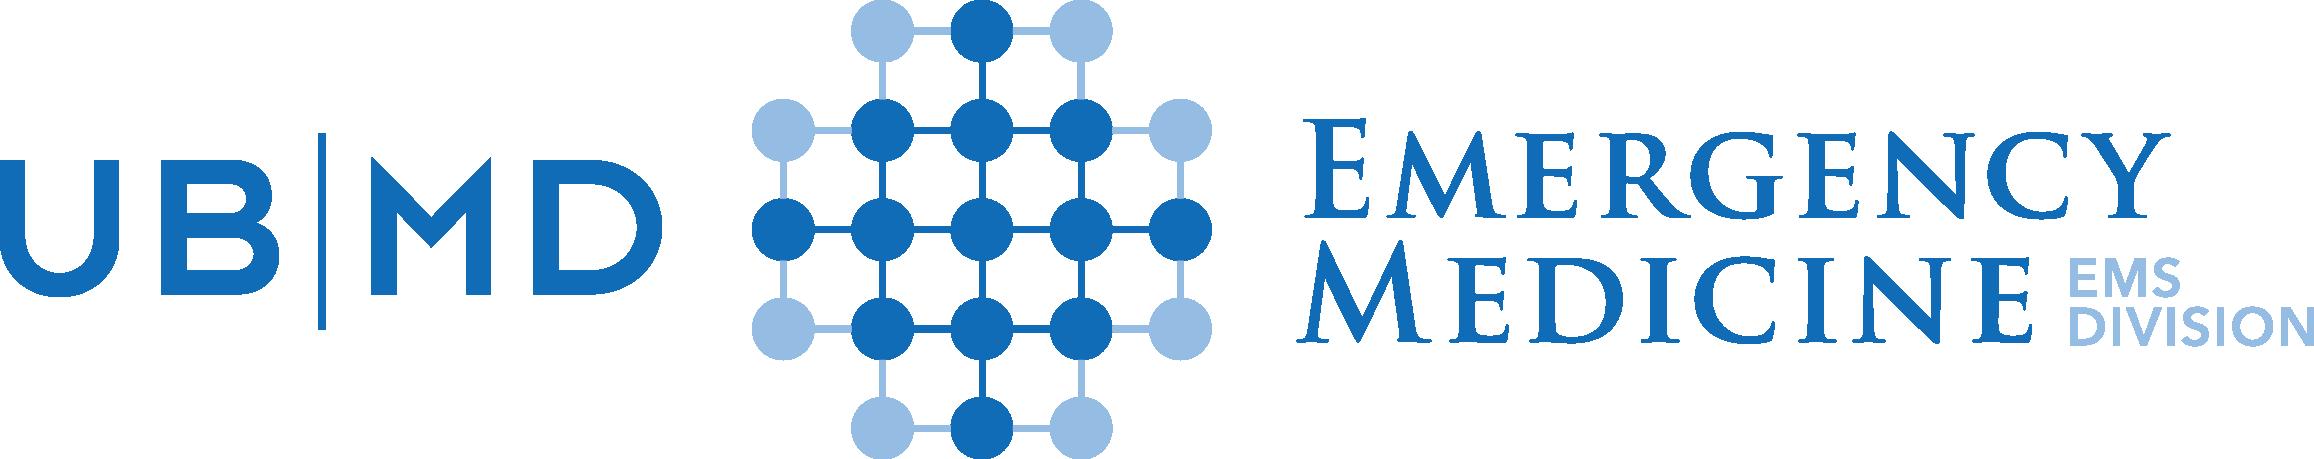 UB|MD Emergency Medicine EMS Division